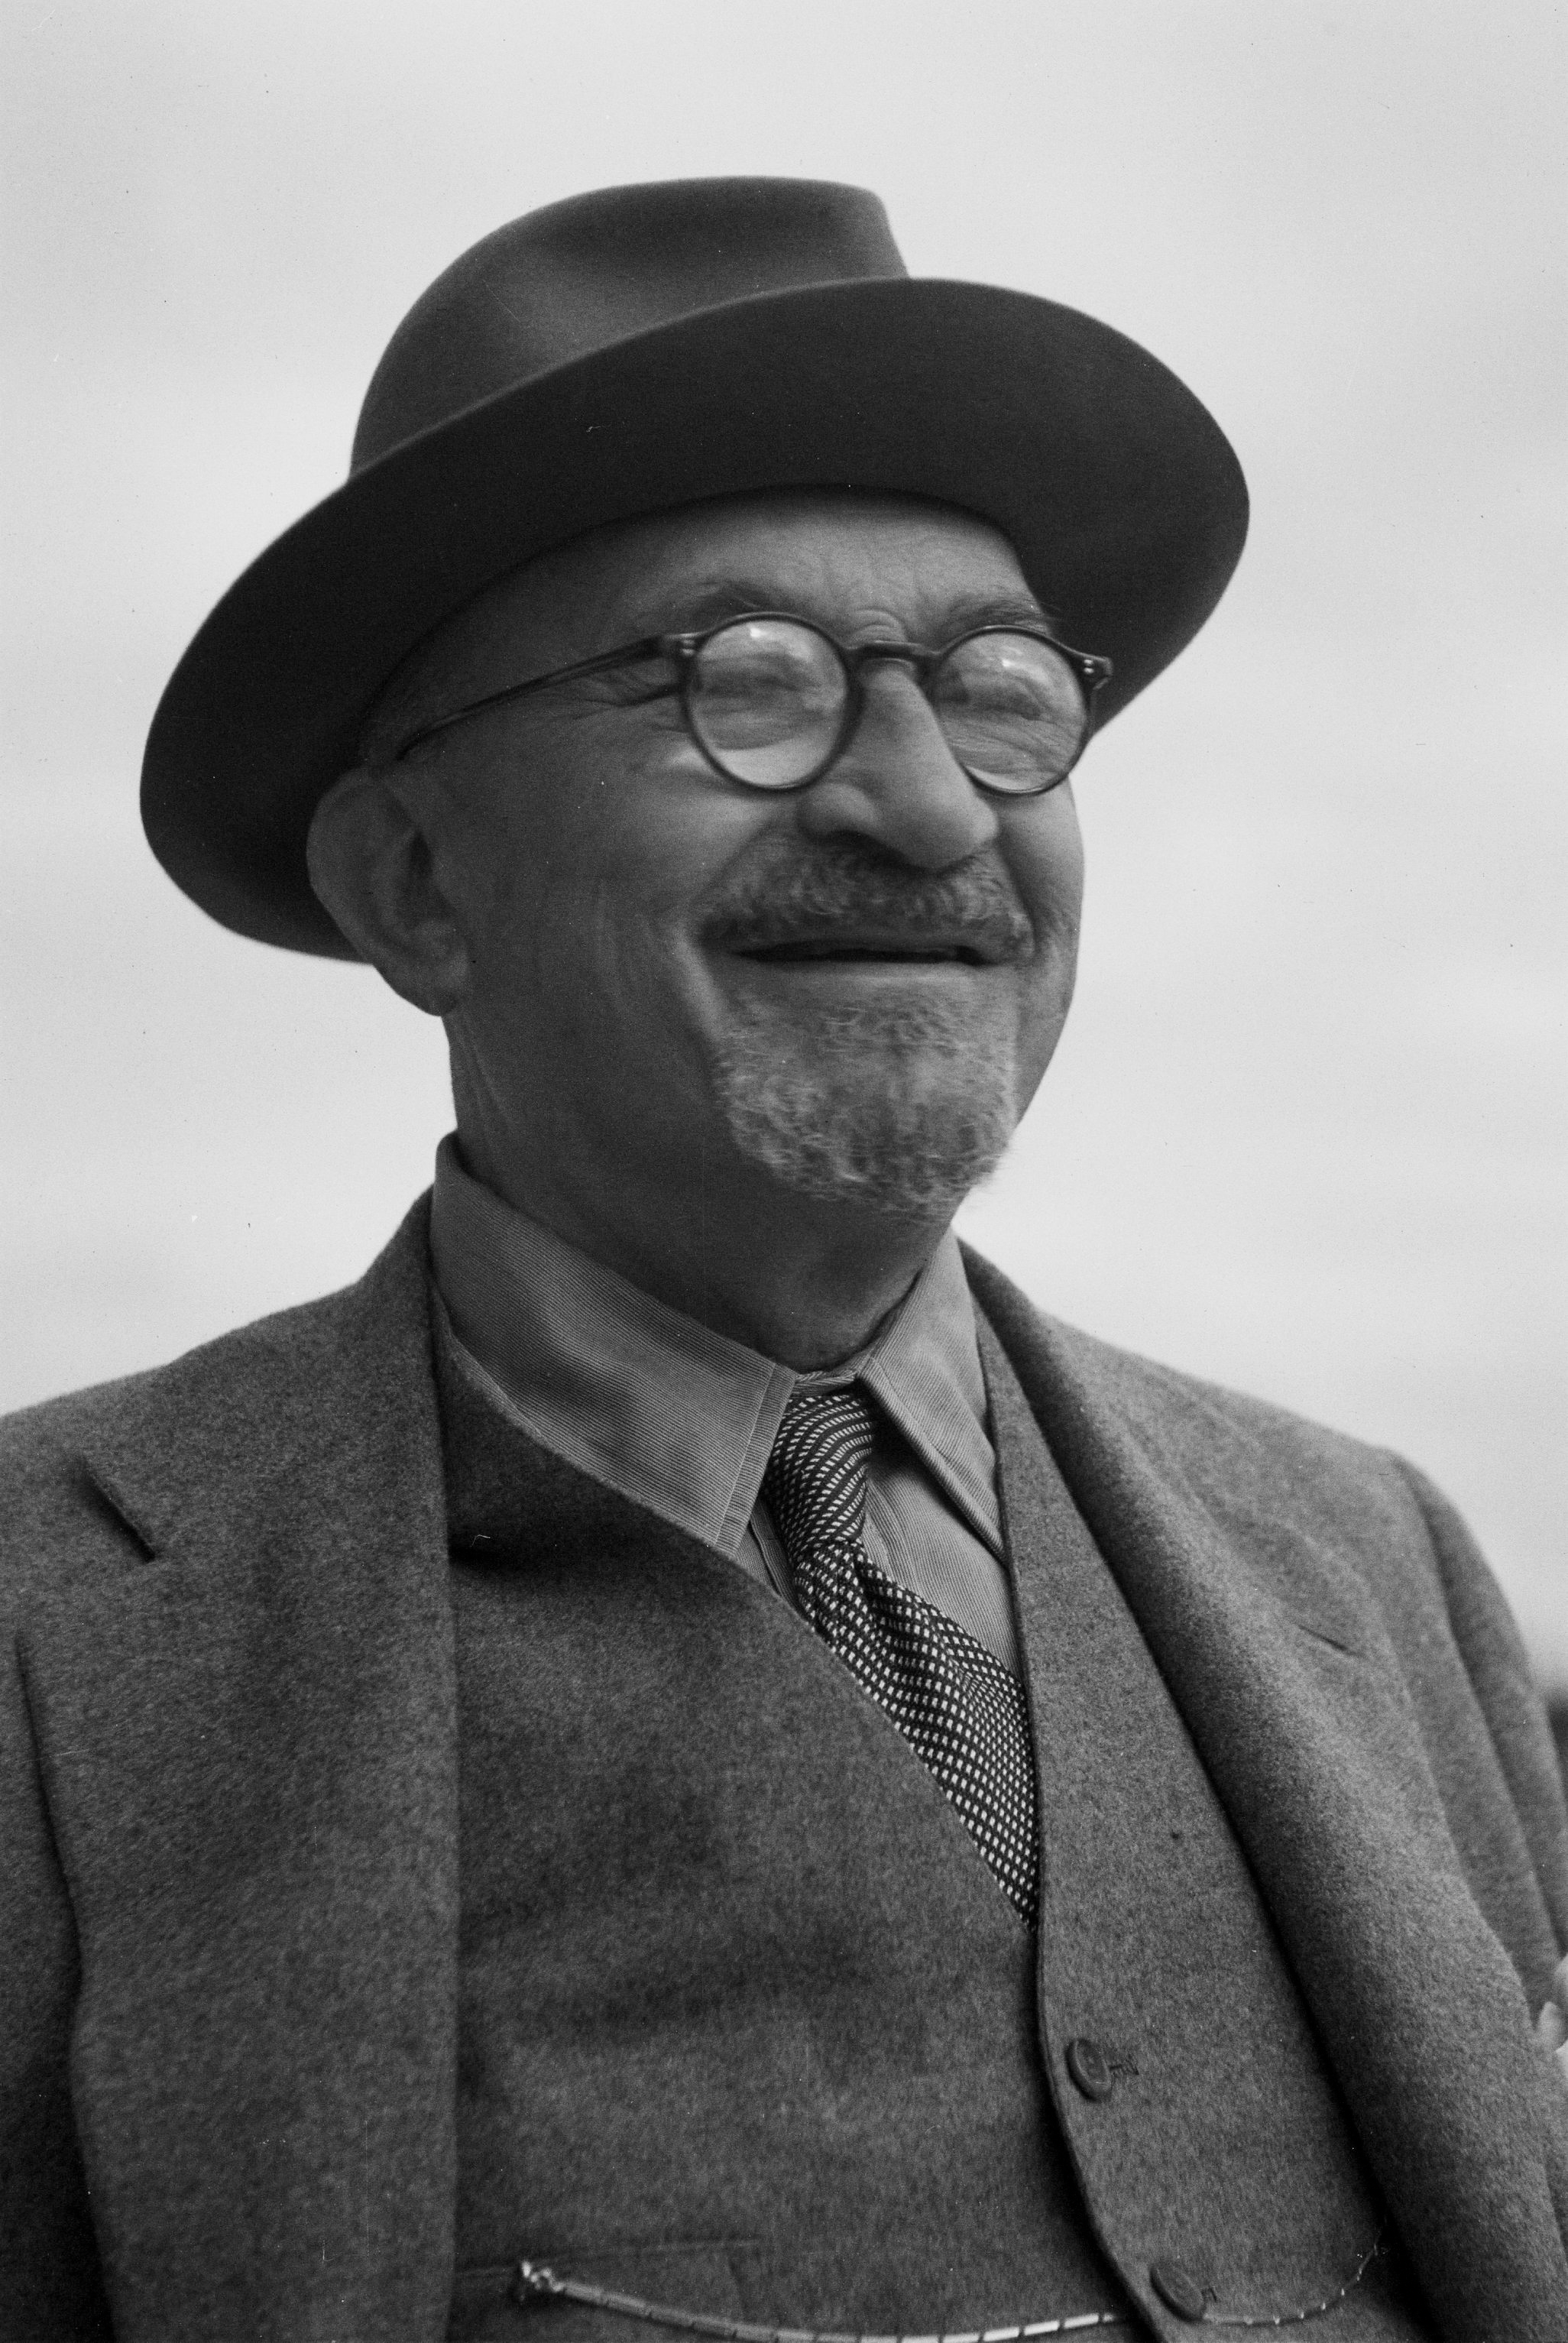 ハイム・ヴァイツマン - Wikipedia